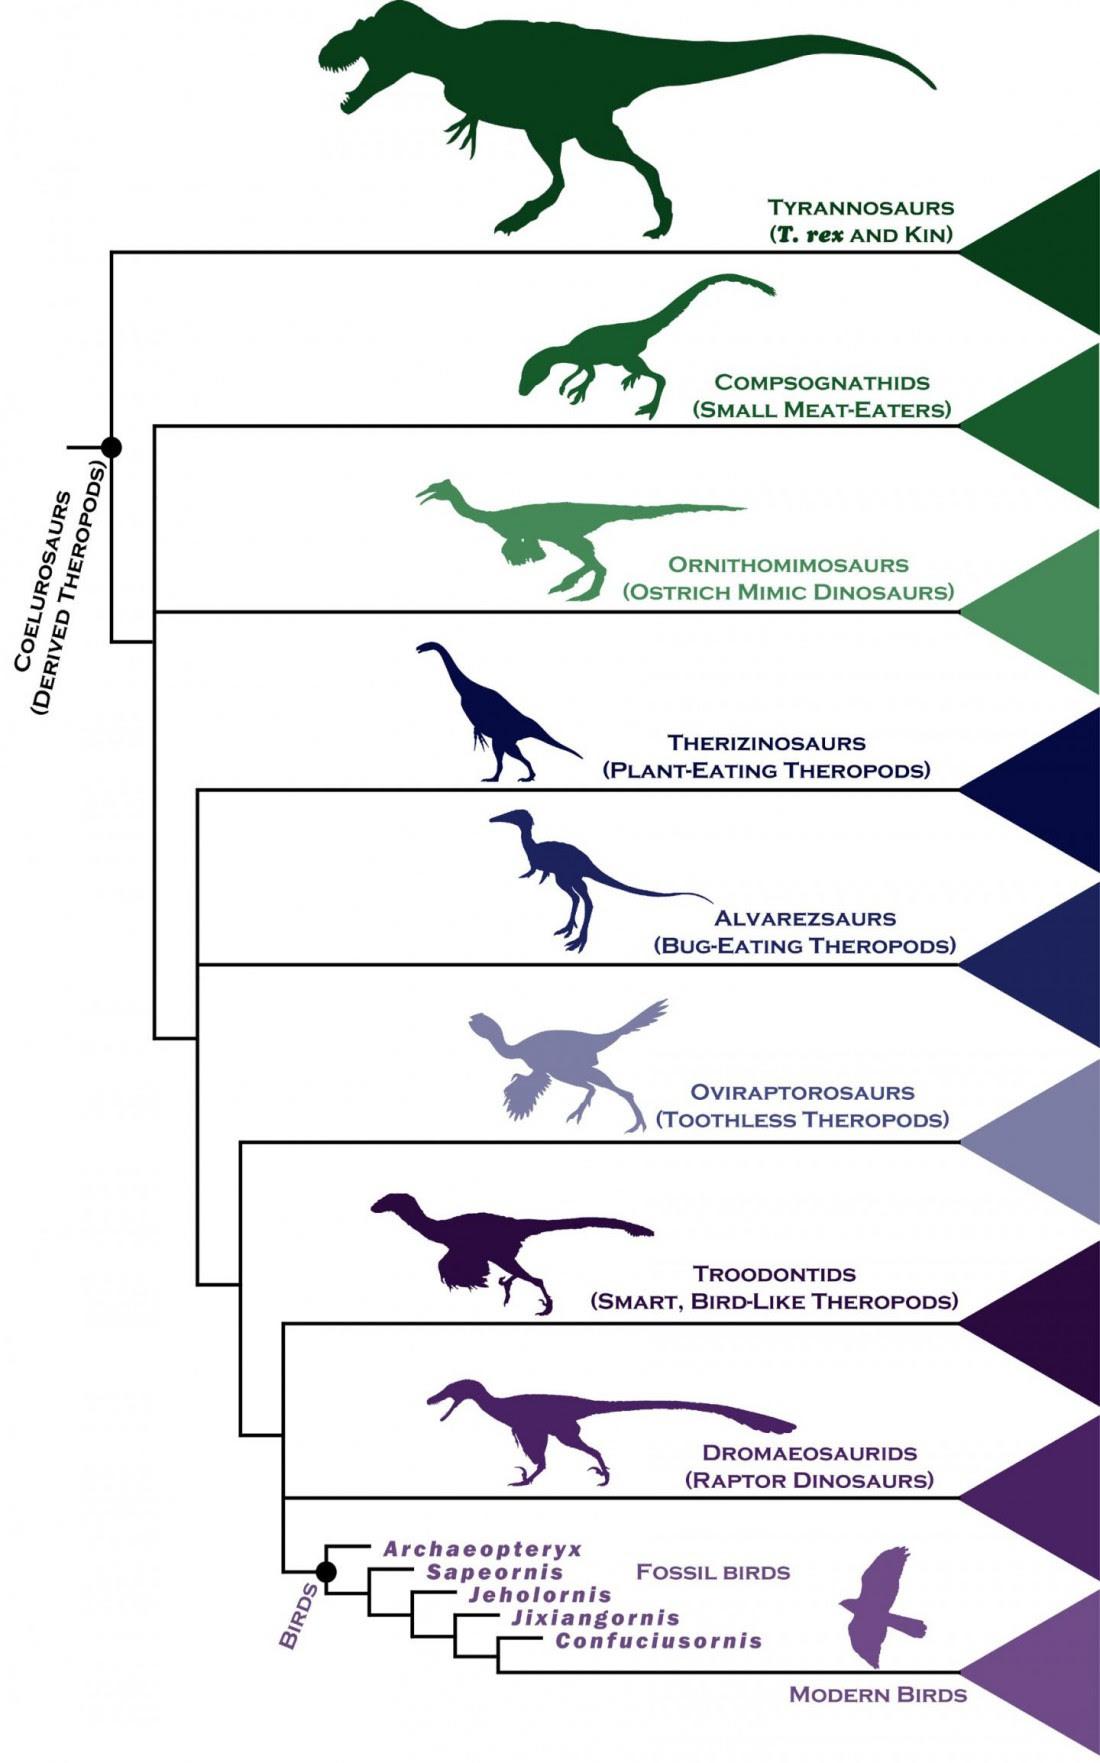 L'arbre généalogique des dinosaures carnivores et des oiseaux (Stephen Brusatte)